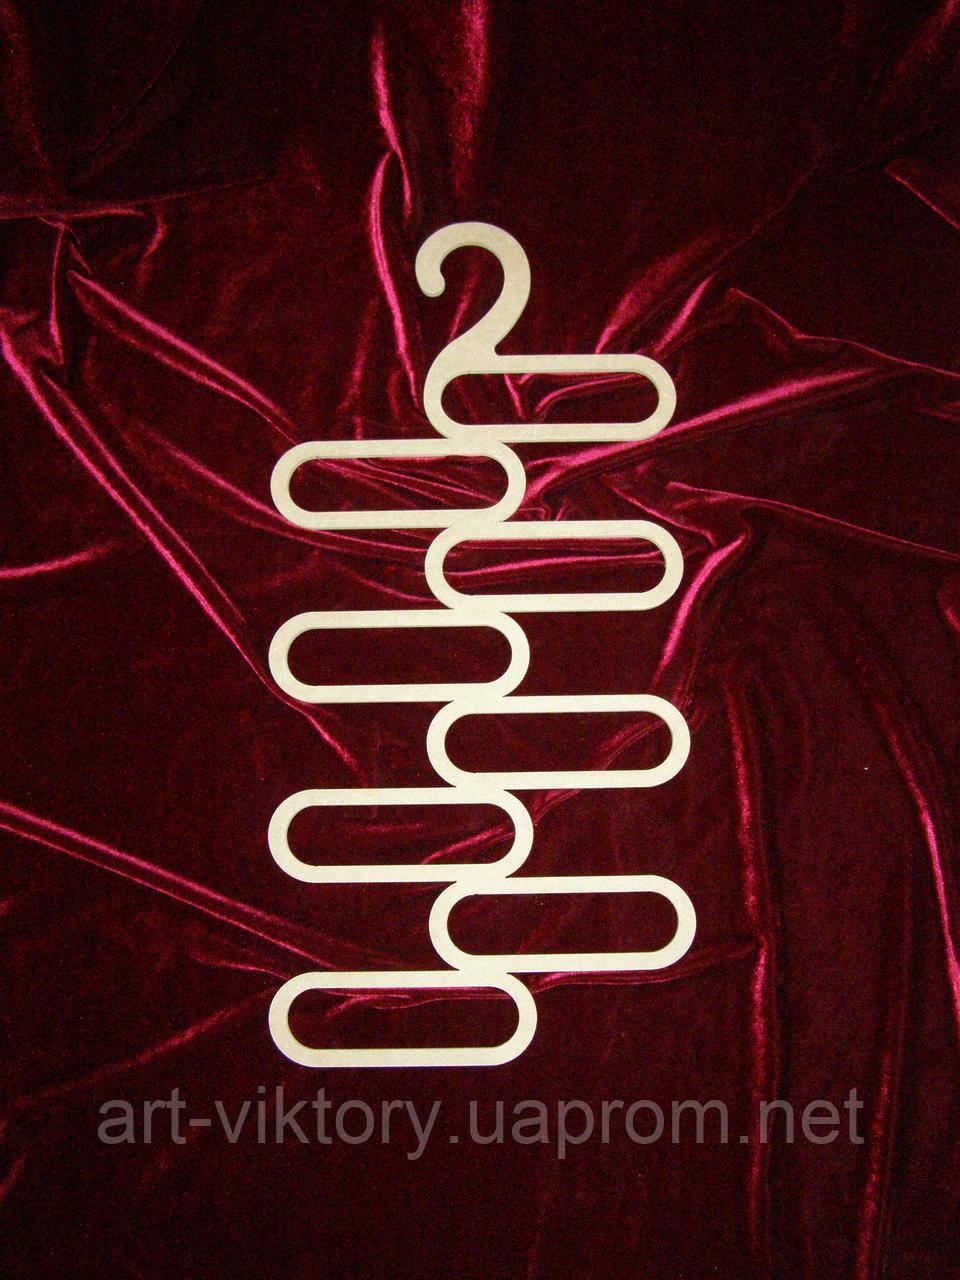 Вешалка для галстуков и шарфов (27 х 57 см), декор